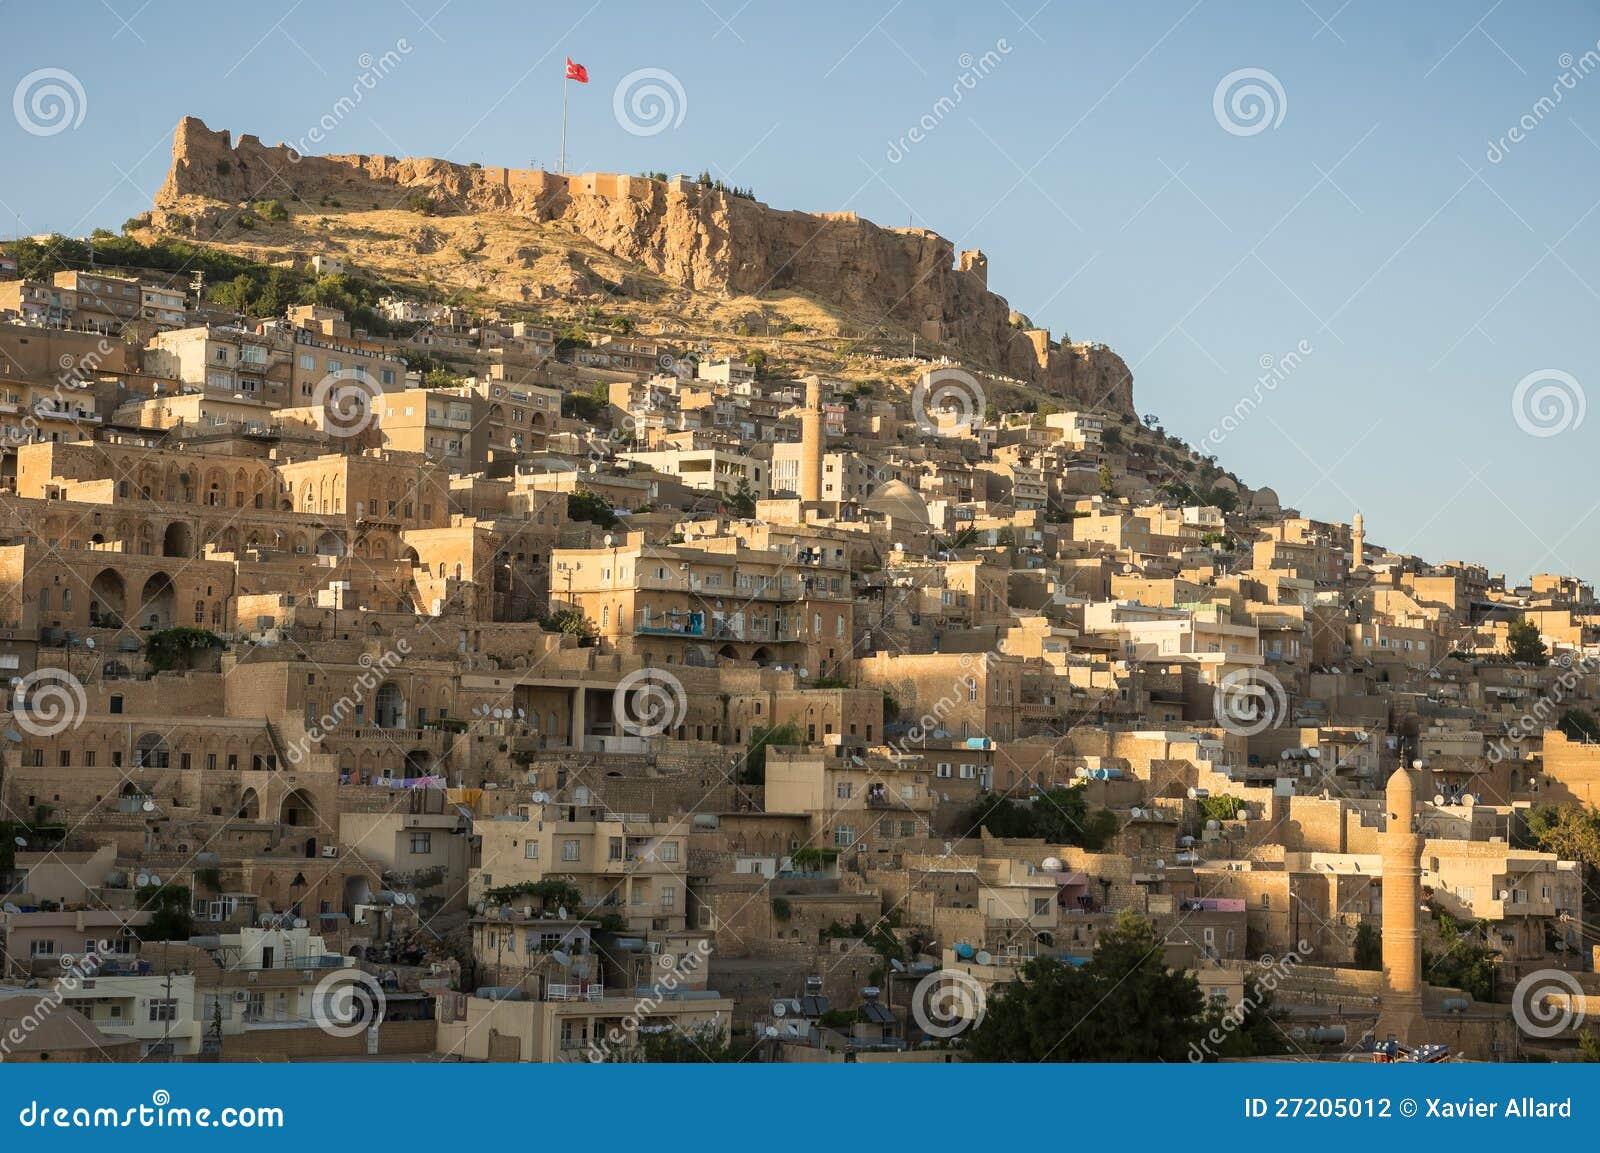 Mardin Turkey  city photo : Mardin, Turkey Stock Photography Image: 27205012